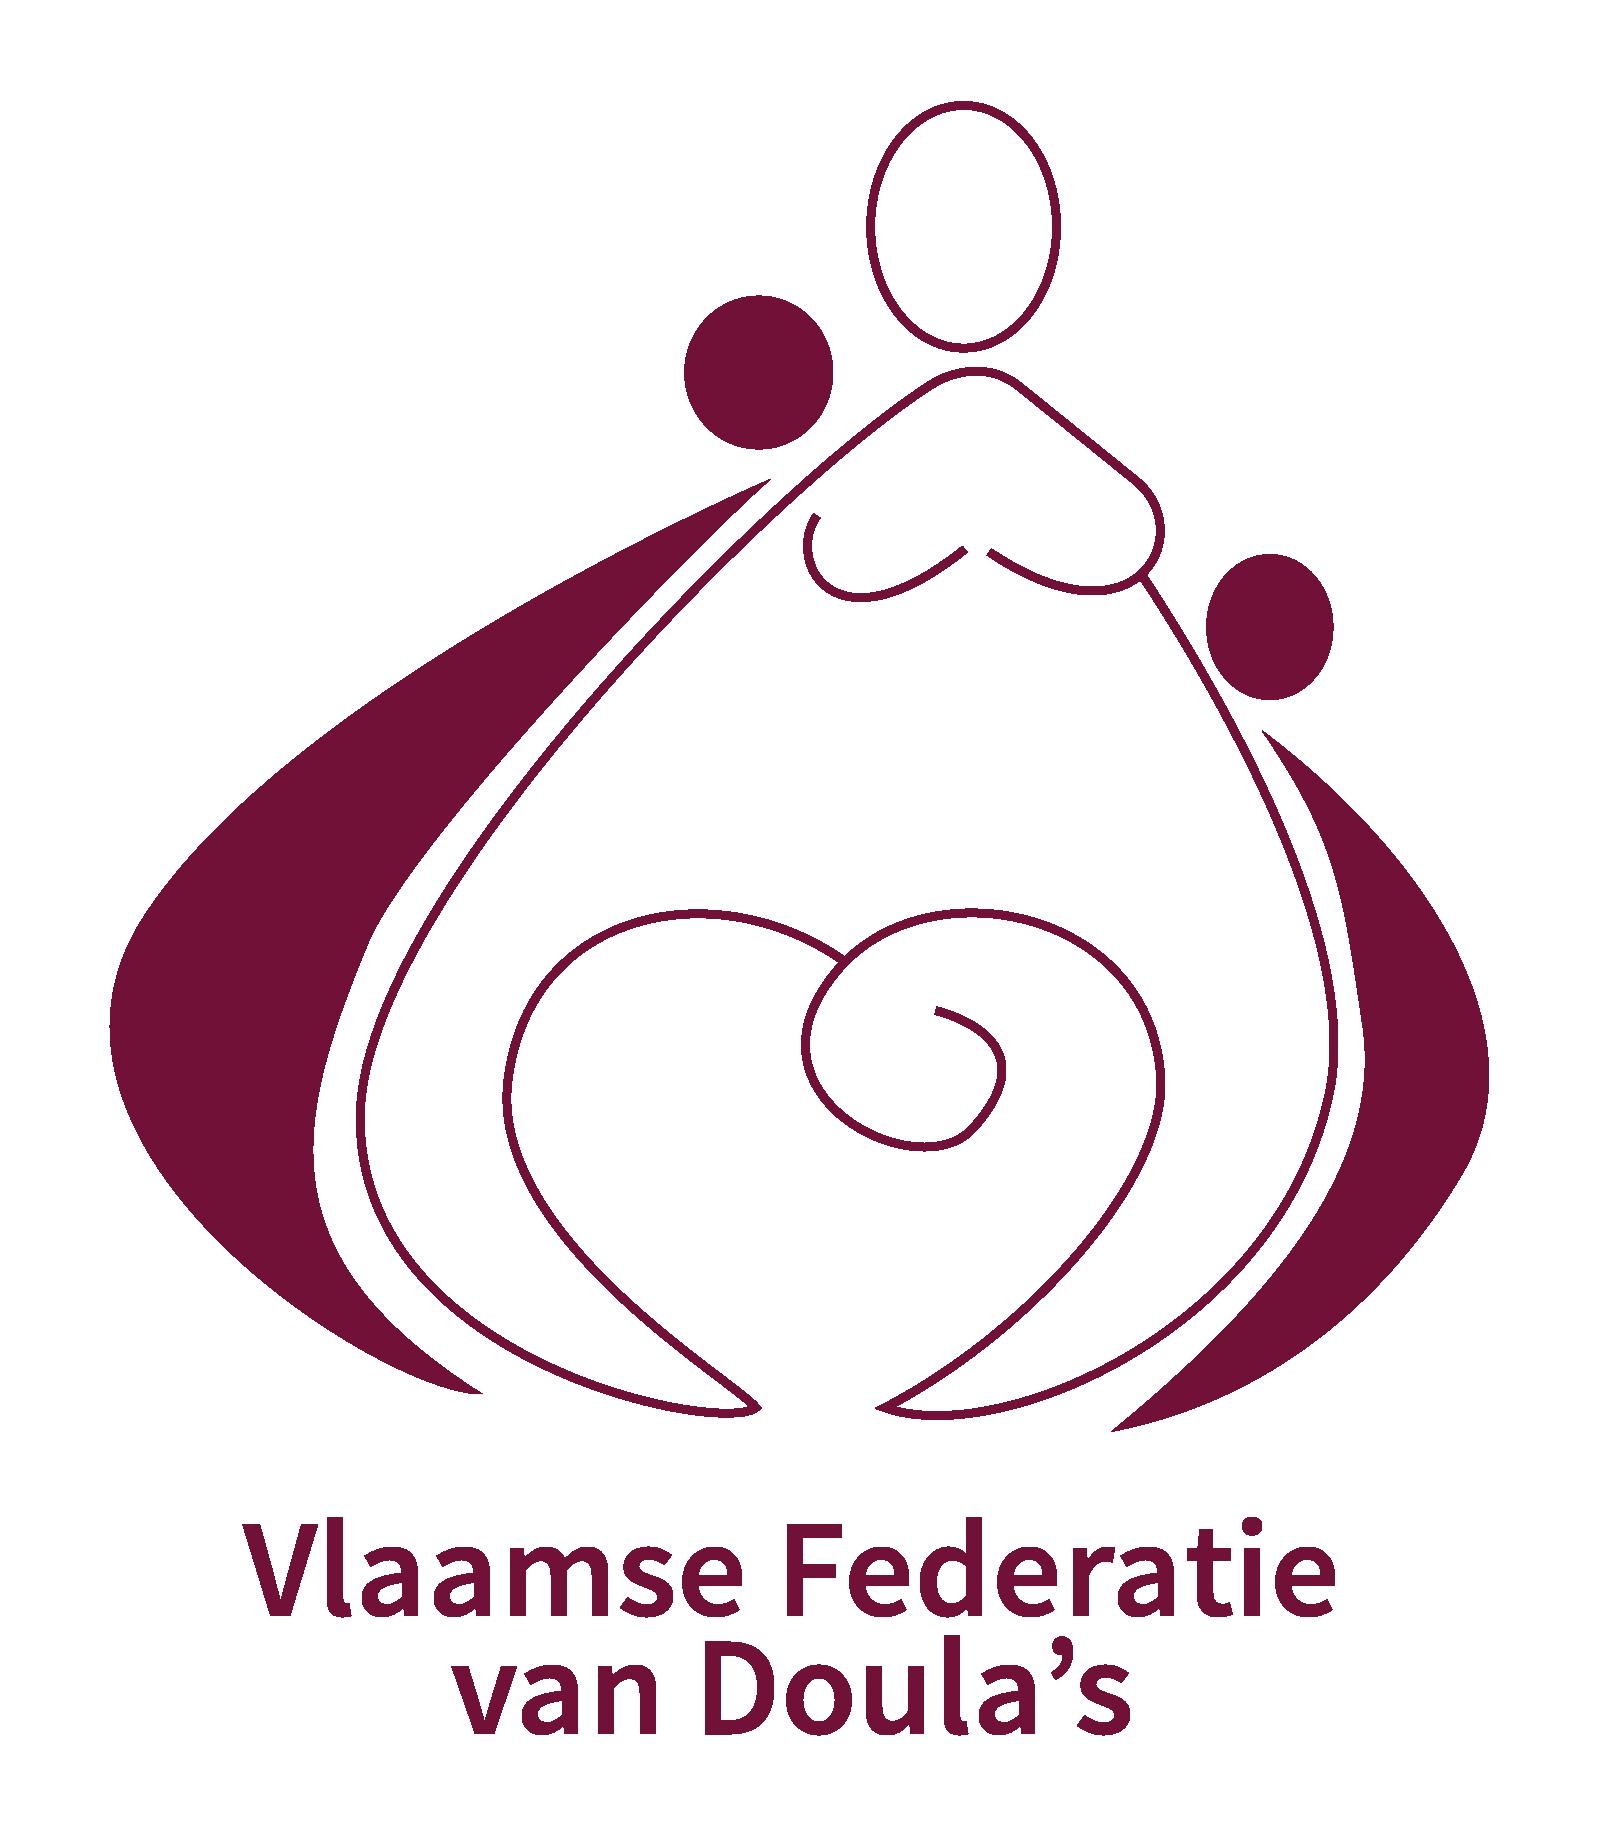 Vlaamse Federatie van doula's vzw